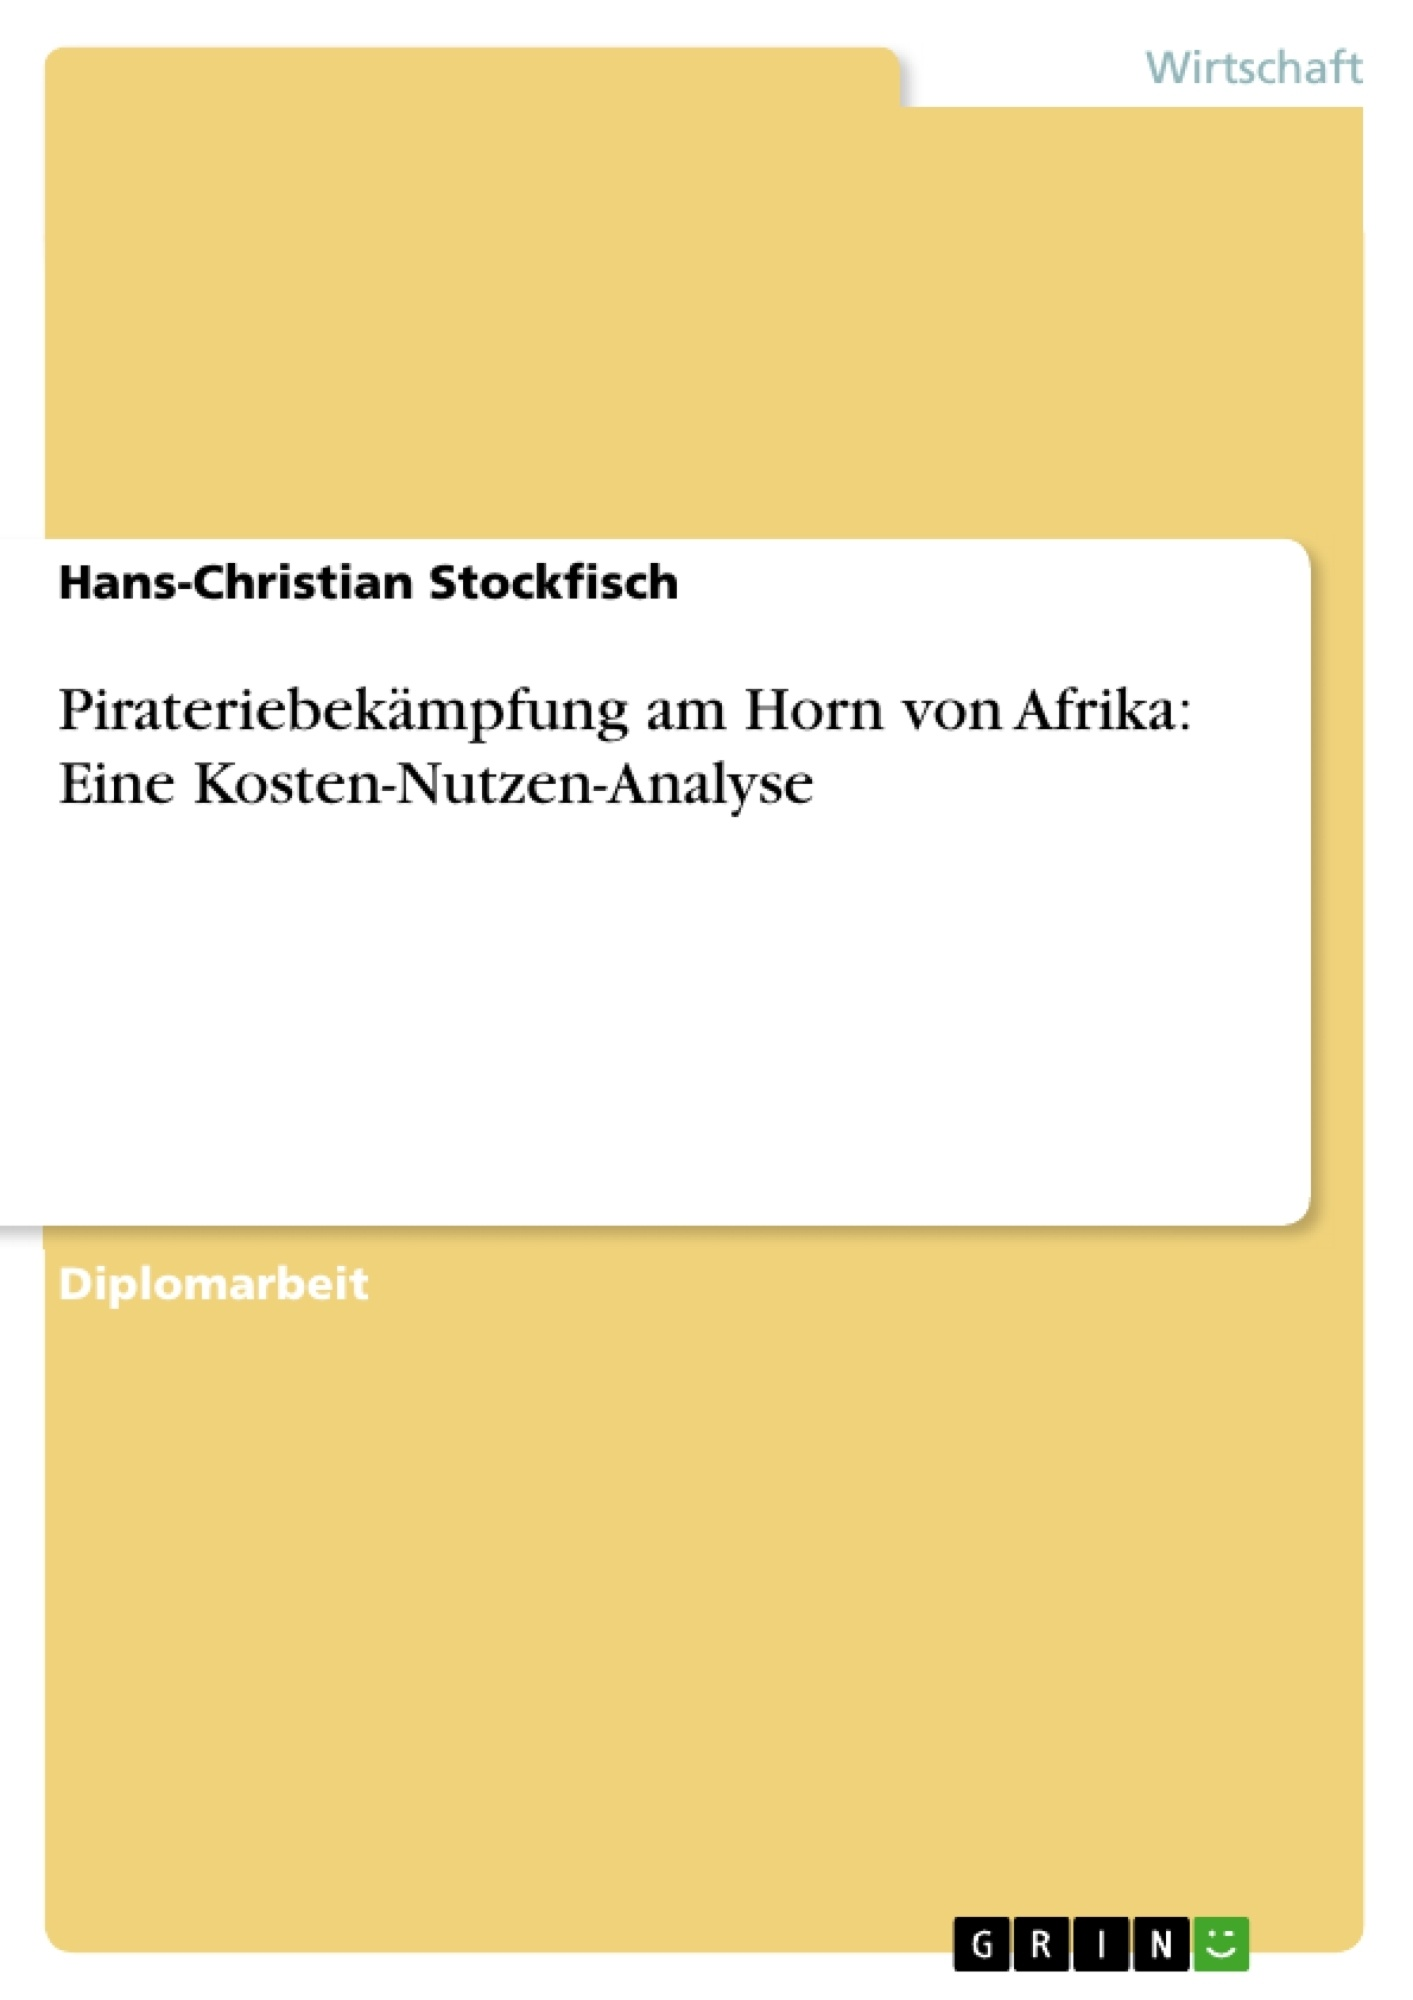 Titel: Pirateriebekämpfung am Horn von Afrika: Eine Kosten-Nutzen-Analyse